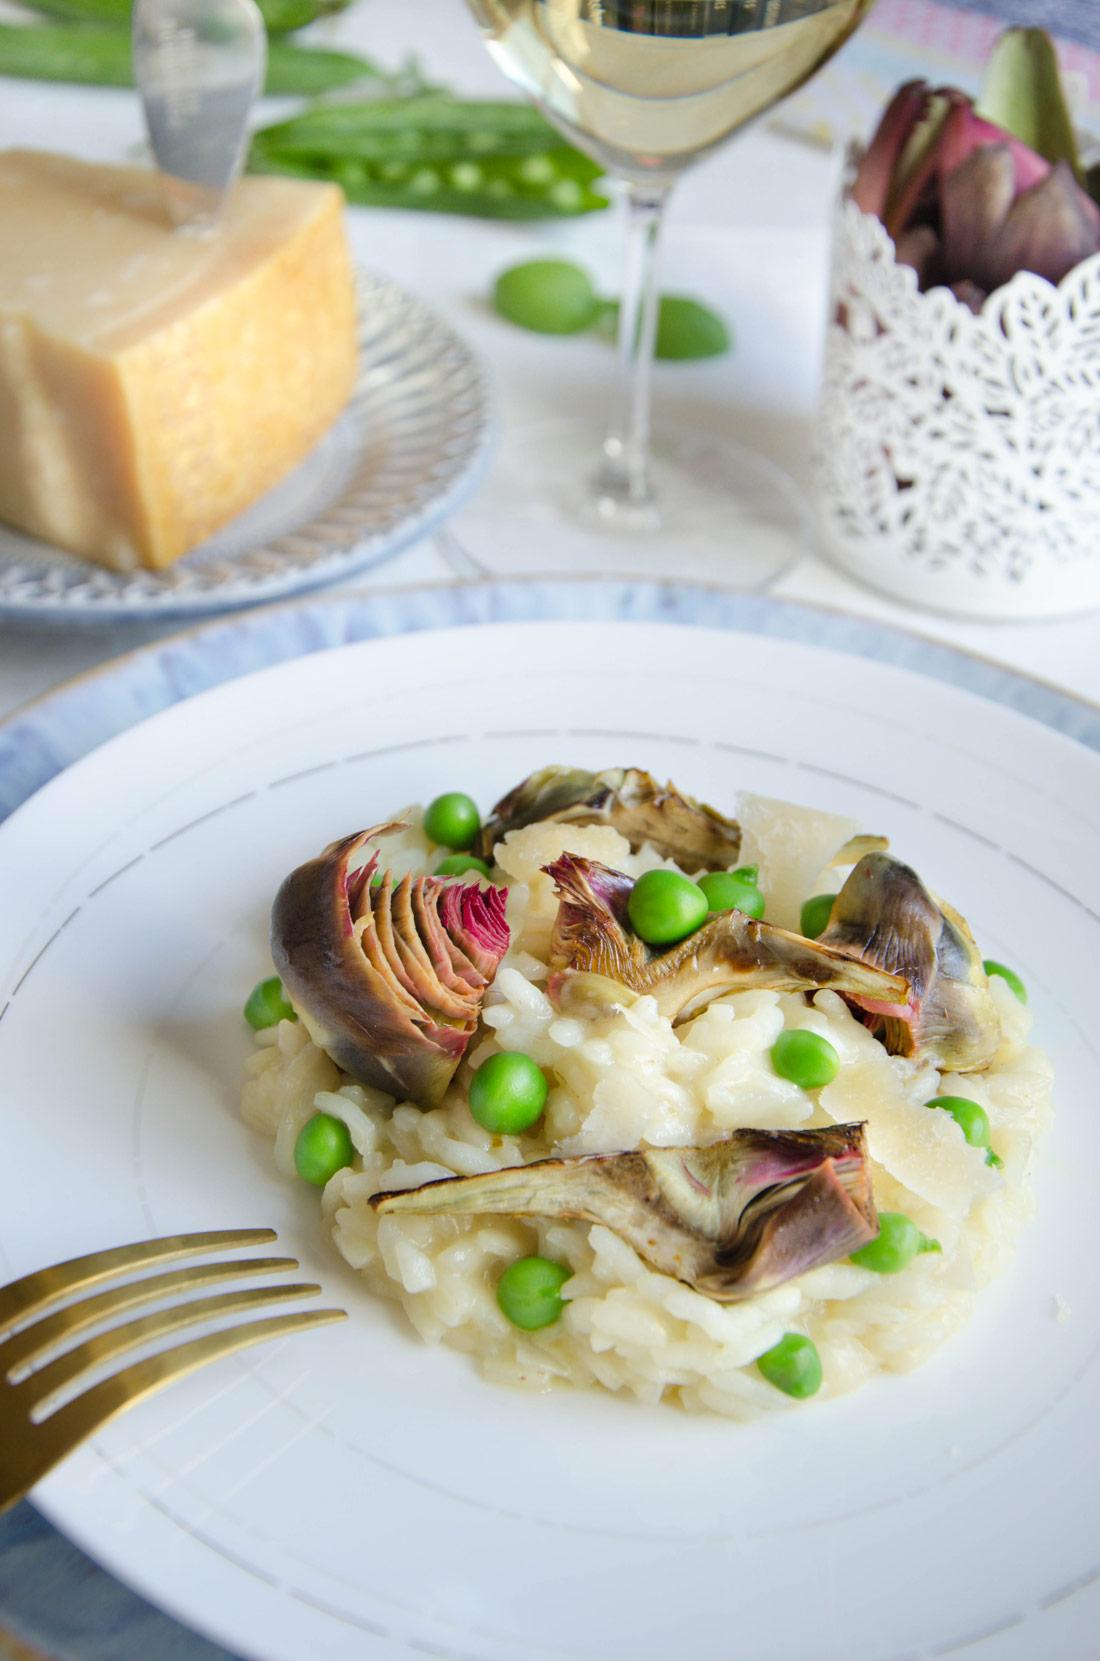 Recette de risotto aux artichauts et aux petits pois